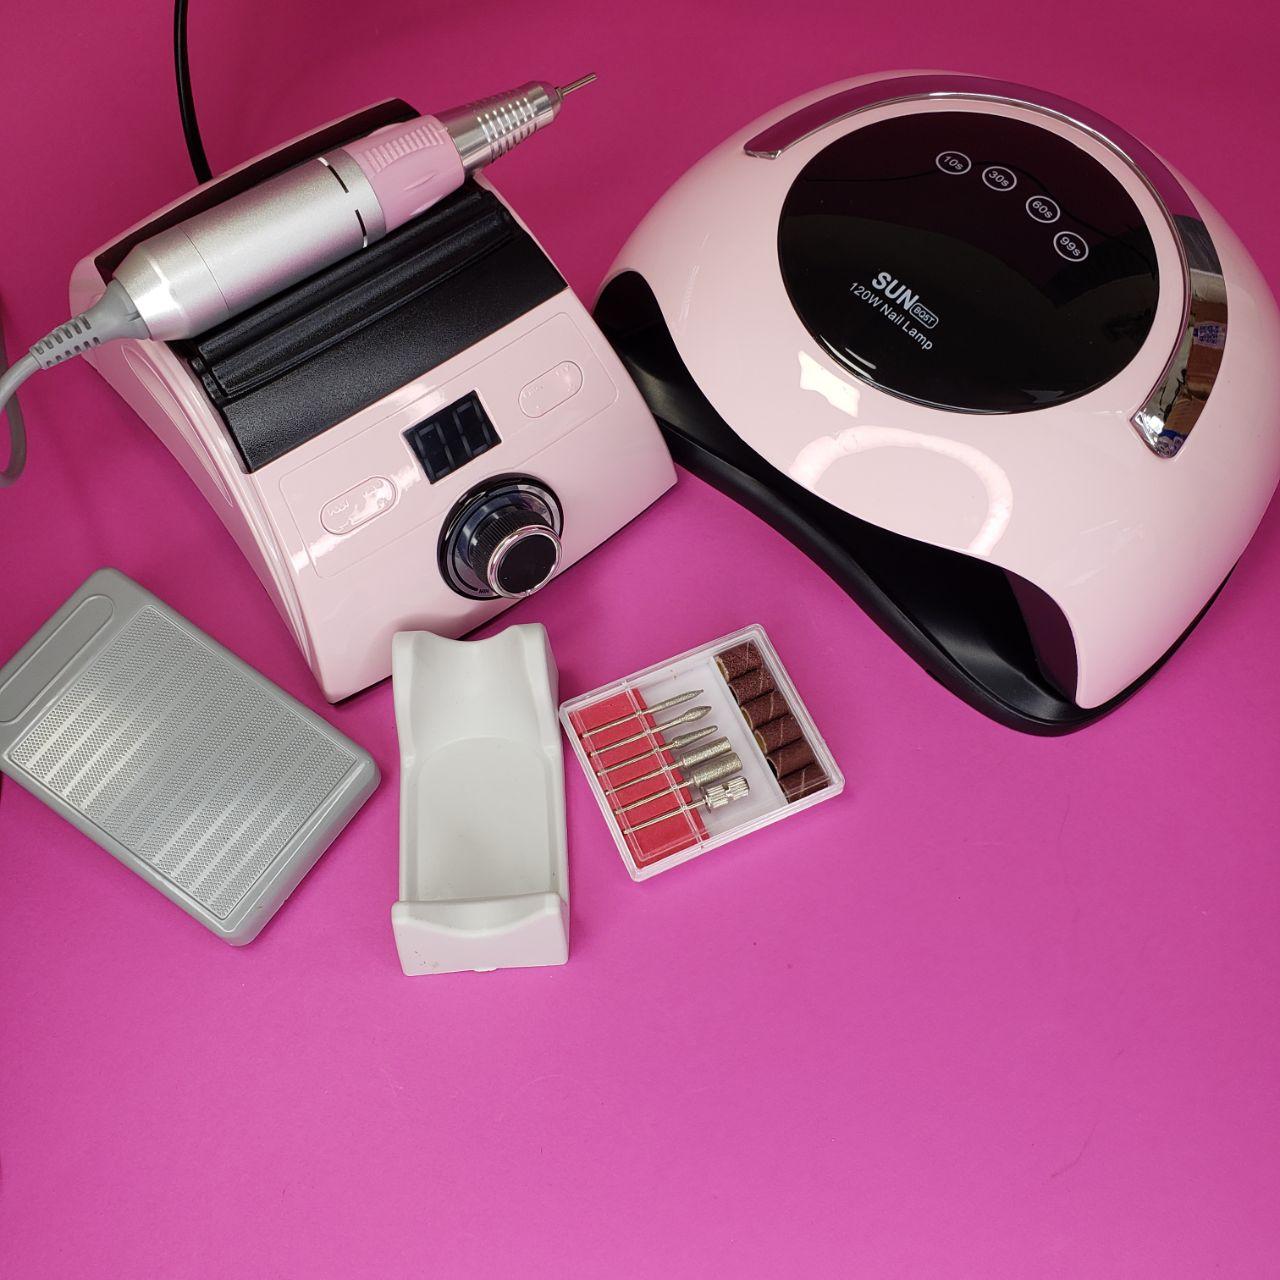 Набір для манікюру з фрезером ZS-710 65Вт / 45тис обертів і лампою SUN BQ-5T 120Вт